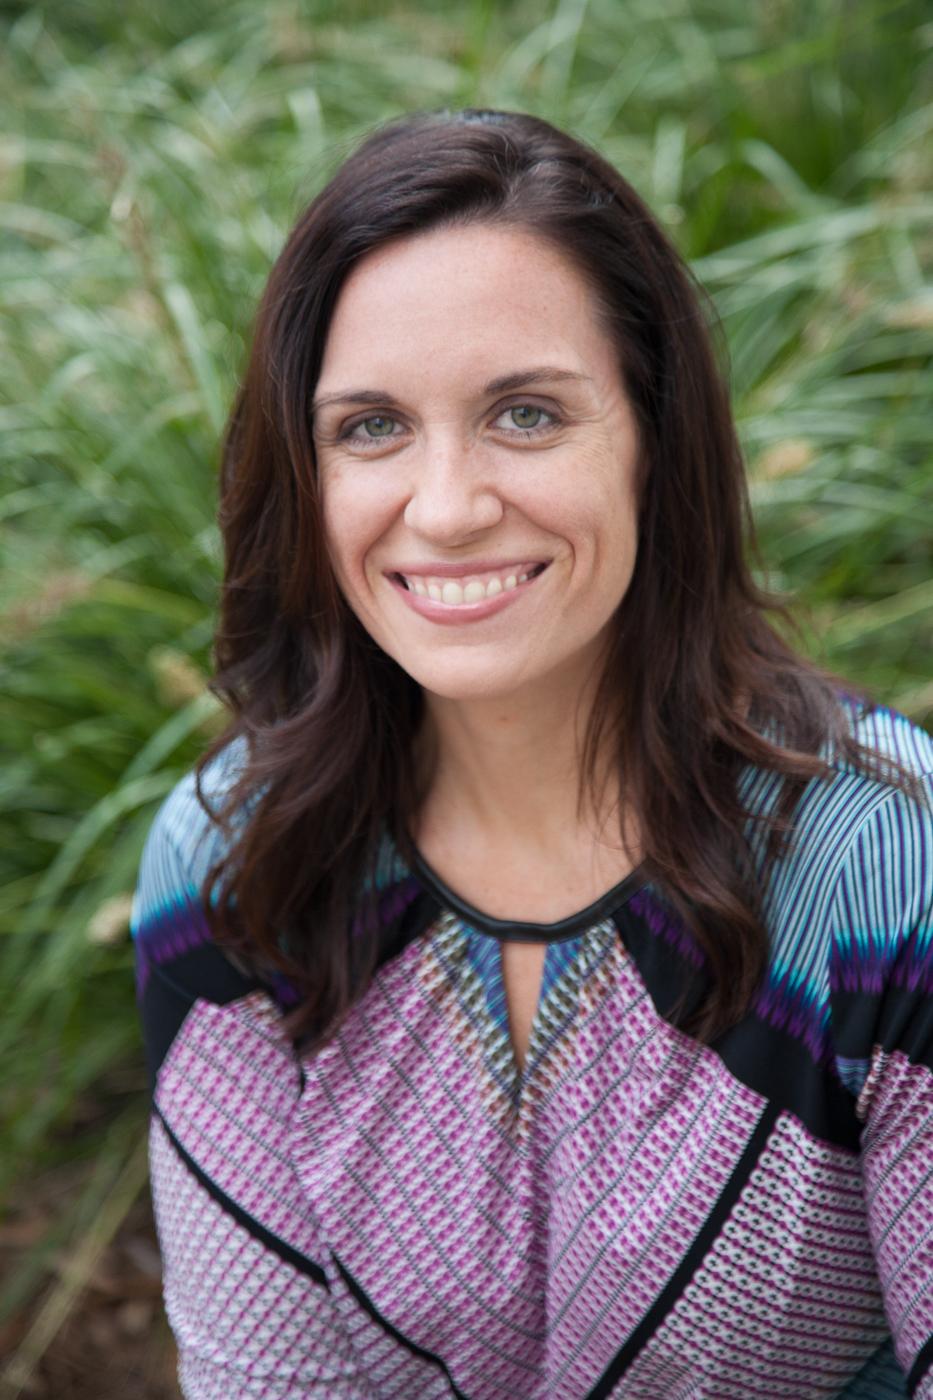 Tiffany Baker